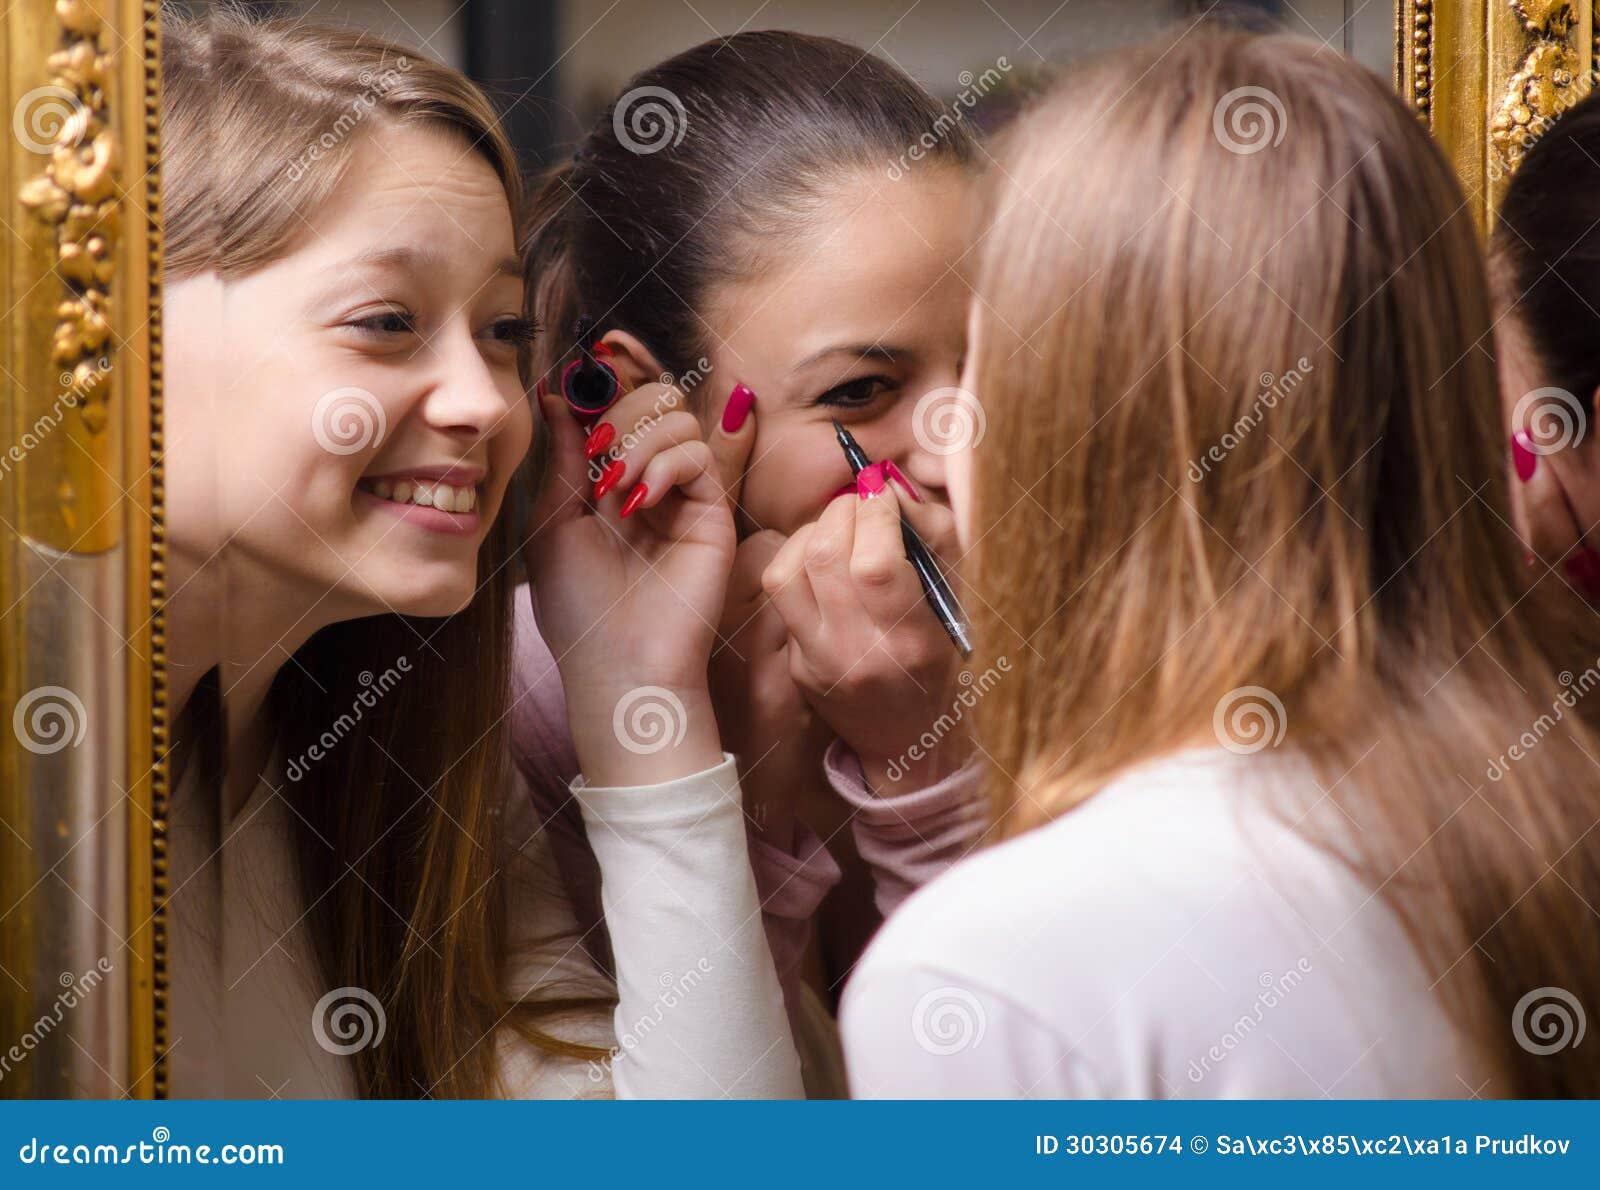 Het mooie meisjes zetten maakt omhoog voor de spiegel stock afbeeldingen afbeelding 30305674 - Tiener meisje foto ...